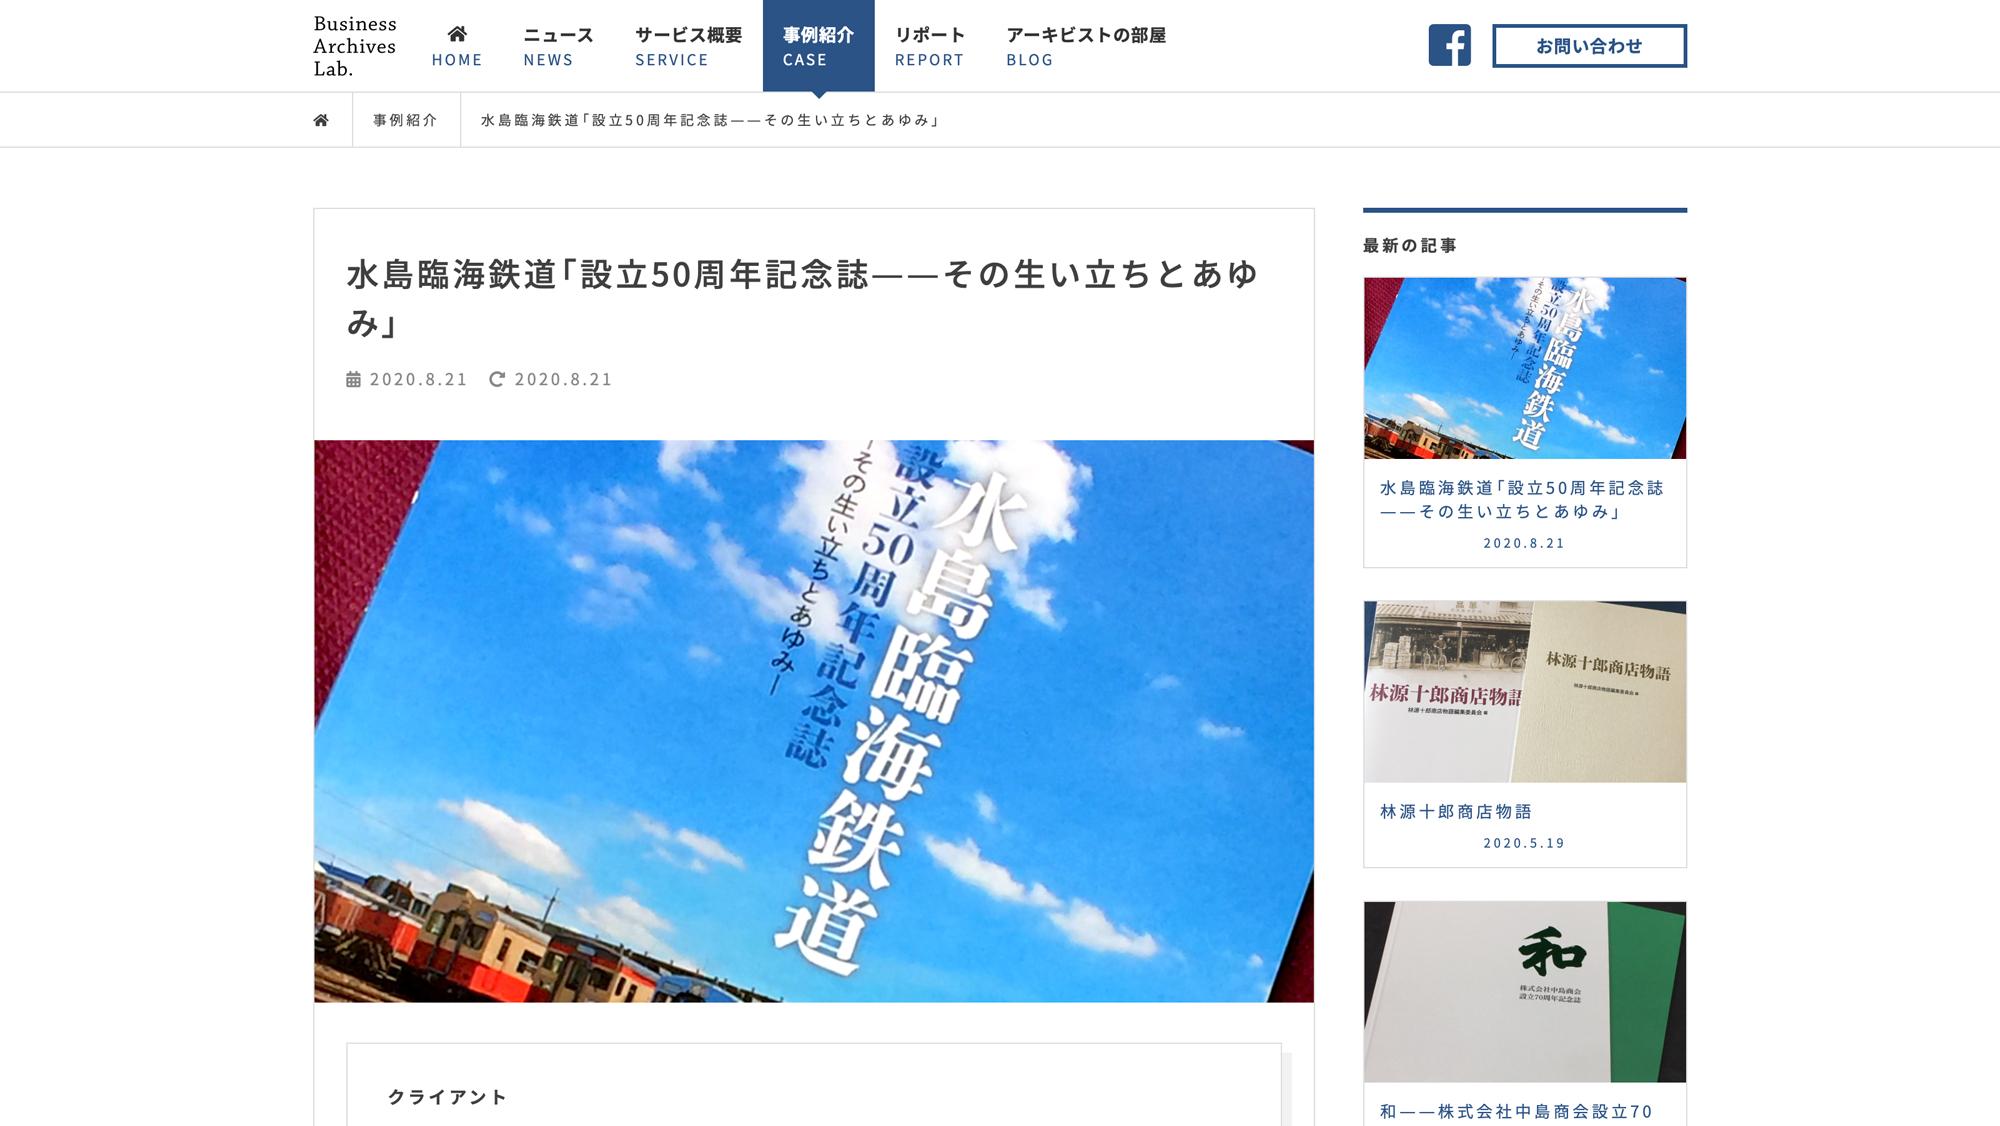 水島臨海鉄道株式会社様の事例を公開しました。